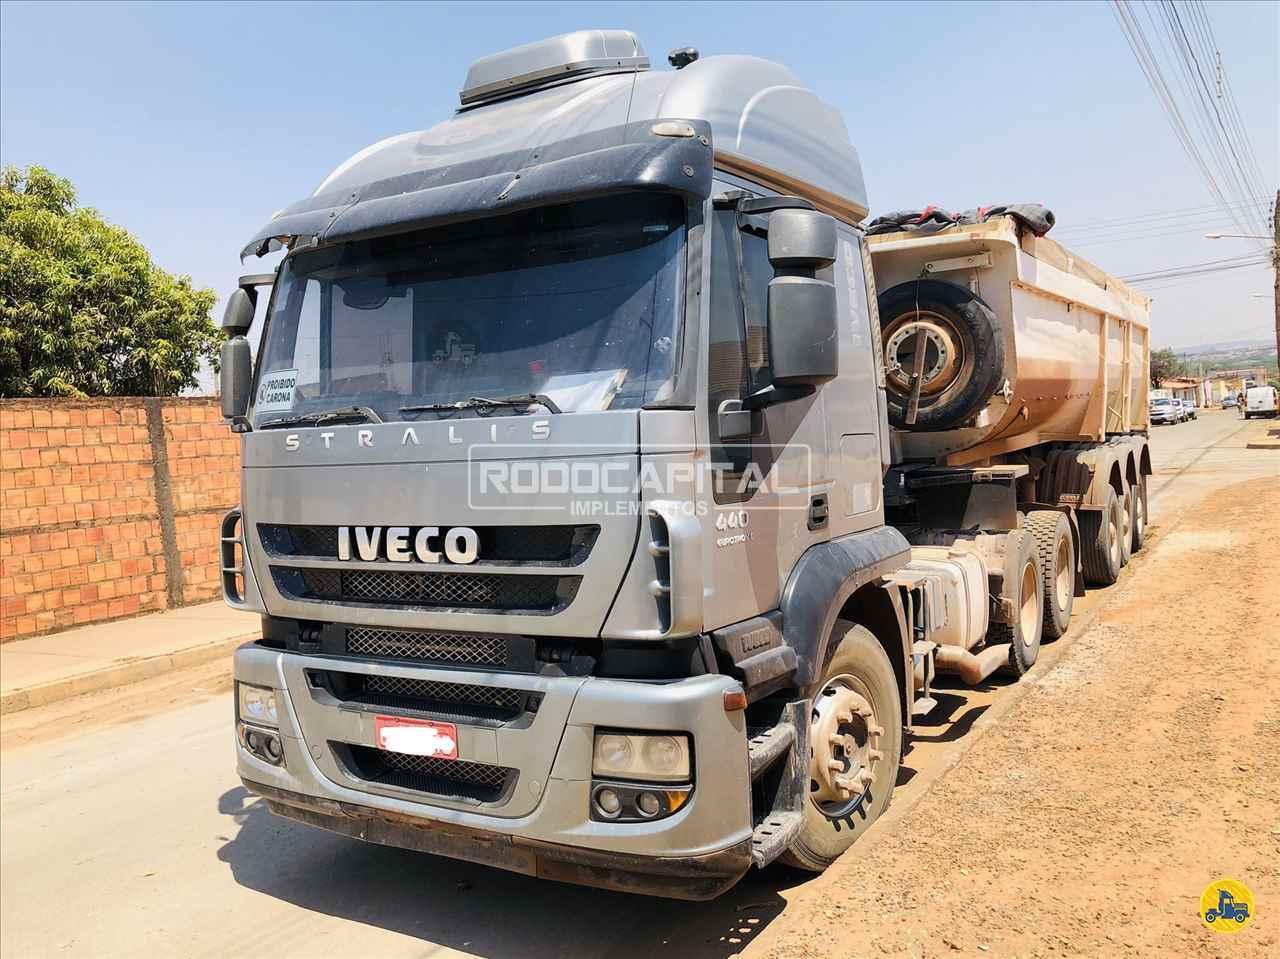 CAMINHAO IVECO STRALIS 440 Cavalo Mecânico Traçado 6x4 RODOCAPITAL - TRUCKVAN BRASILIA DISTRITO FEDERAL DF